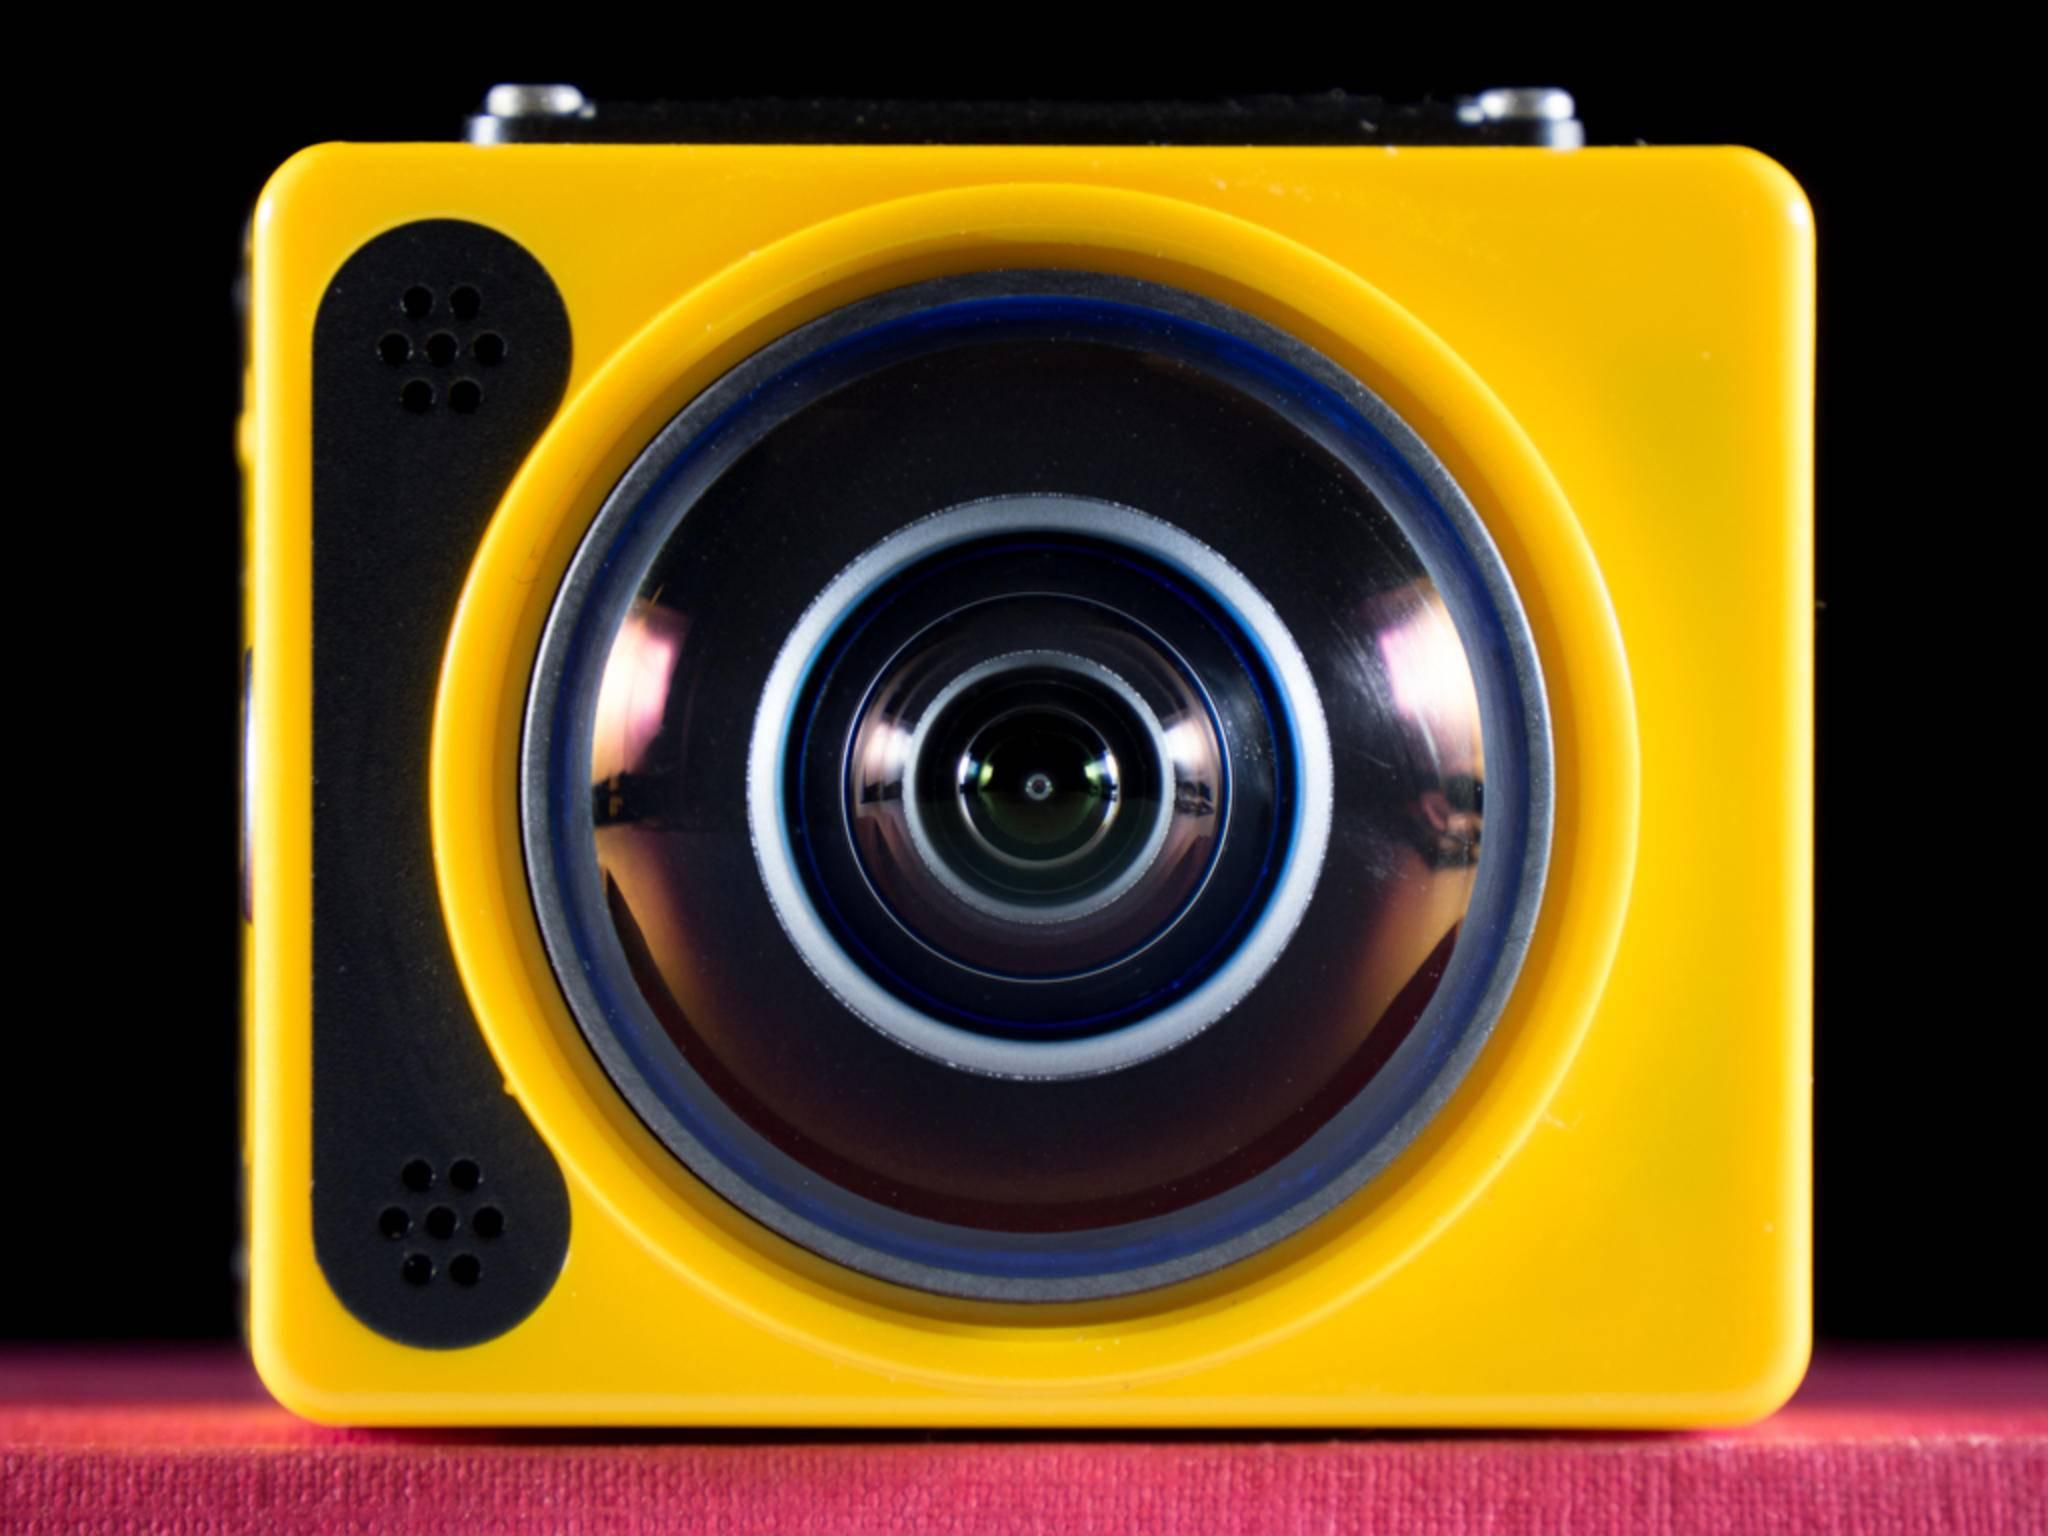 Auf den ersten Blick fällt das typische Kodak-Design ins Auge.